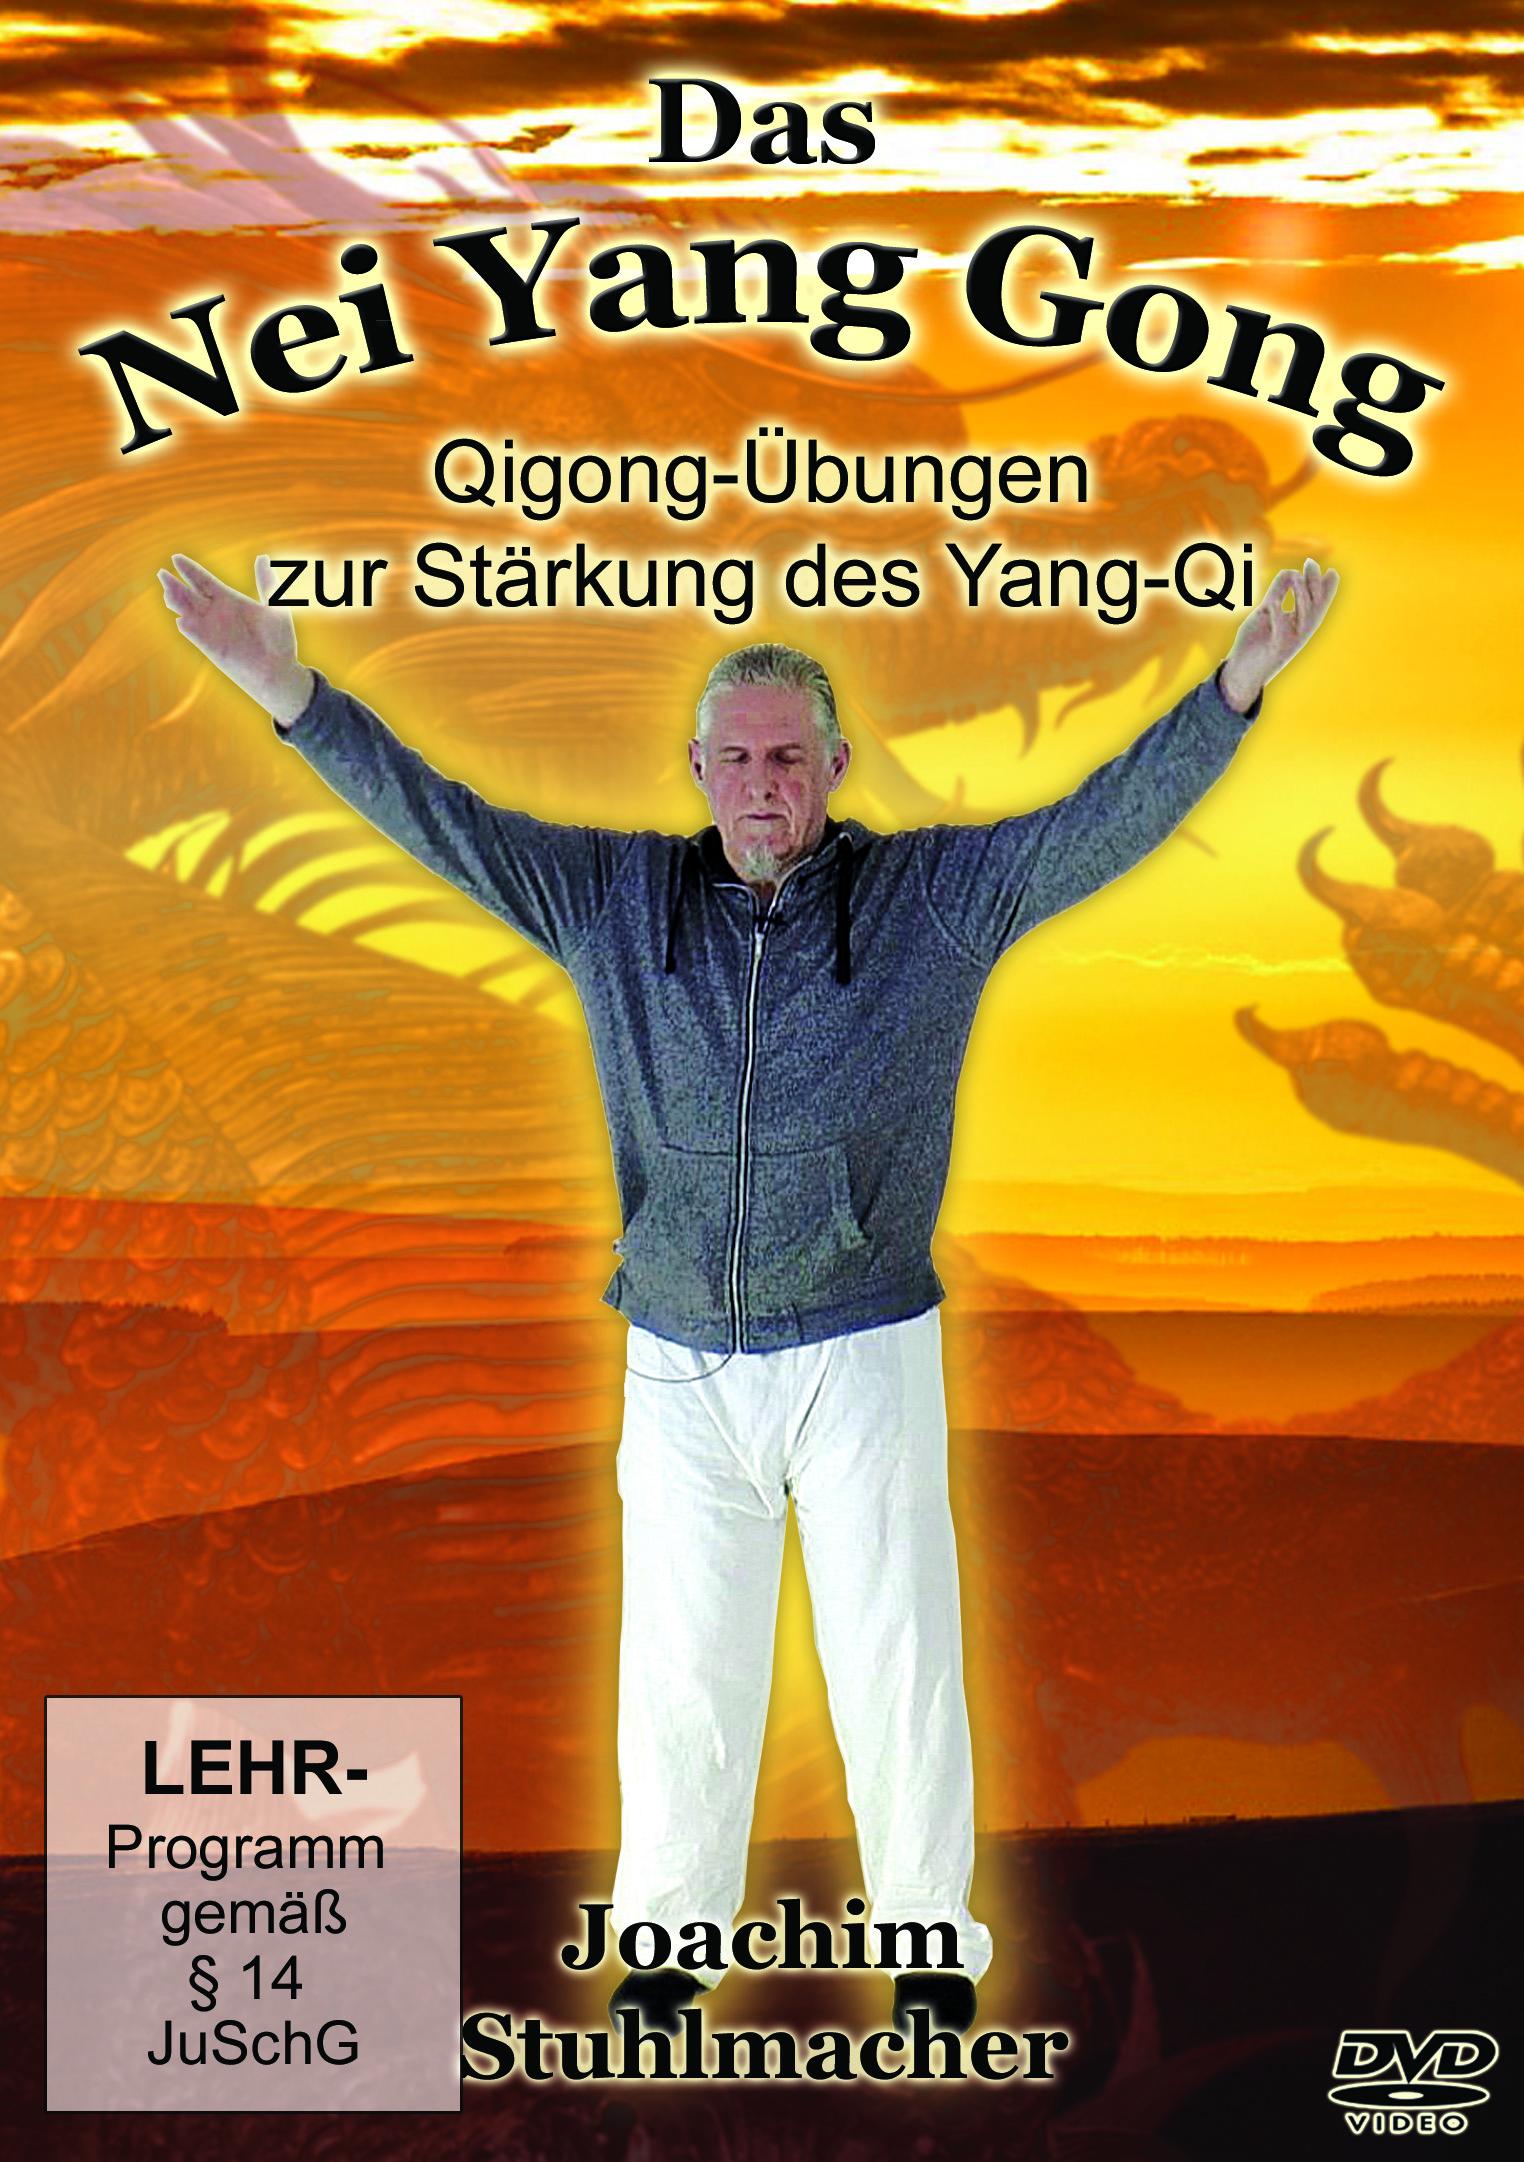 Das Nei Yang Gong: Qigong-Übungen zur Stärkung des Yang-Qi